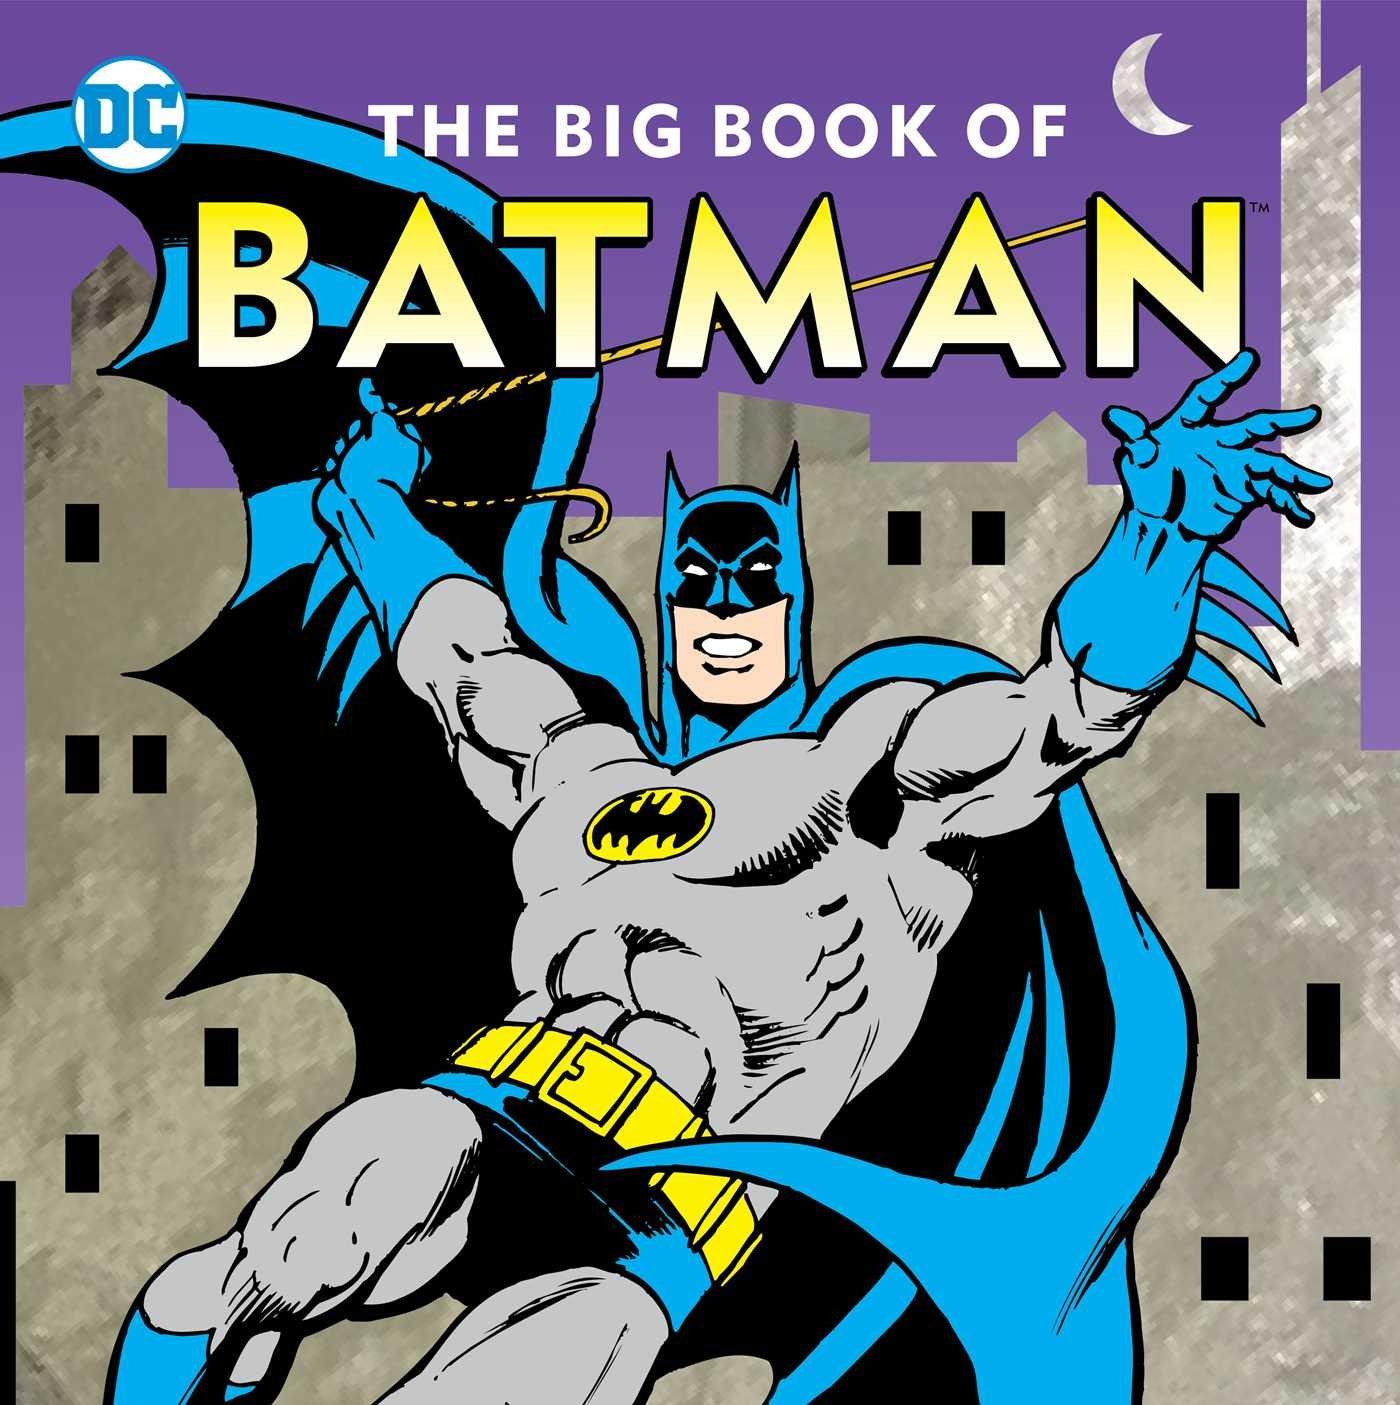 The Big Book of Batman (DC Super Heroes)